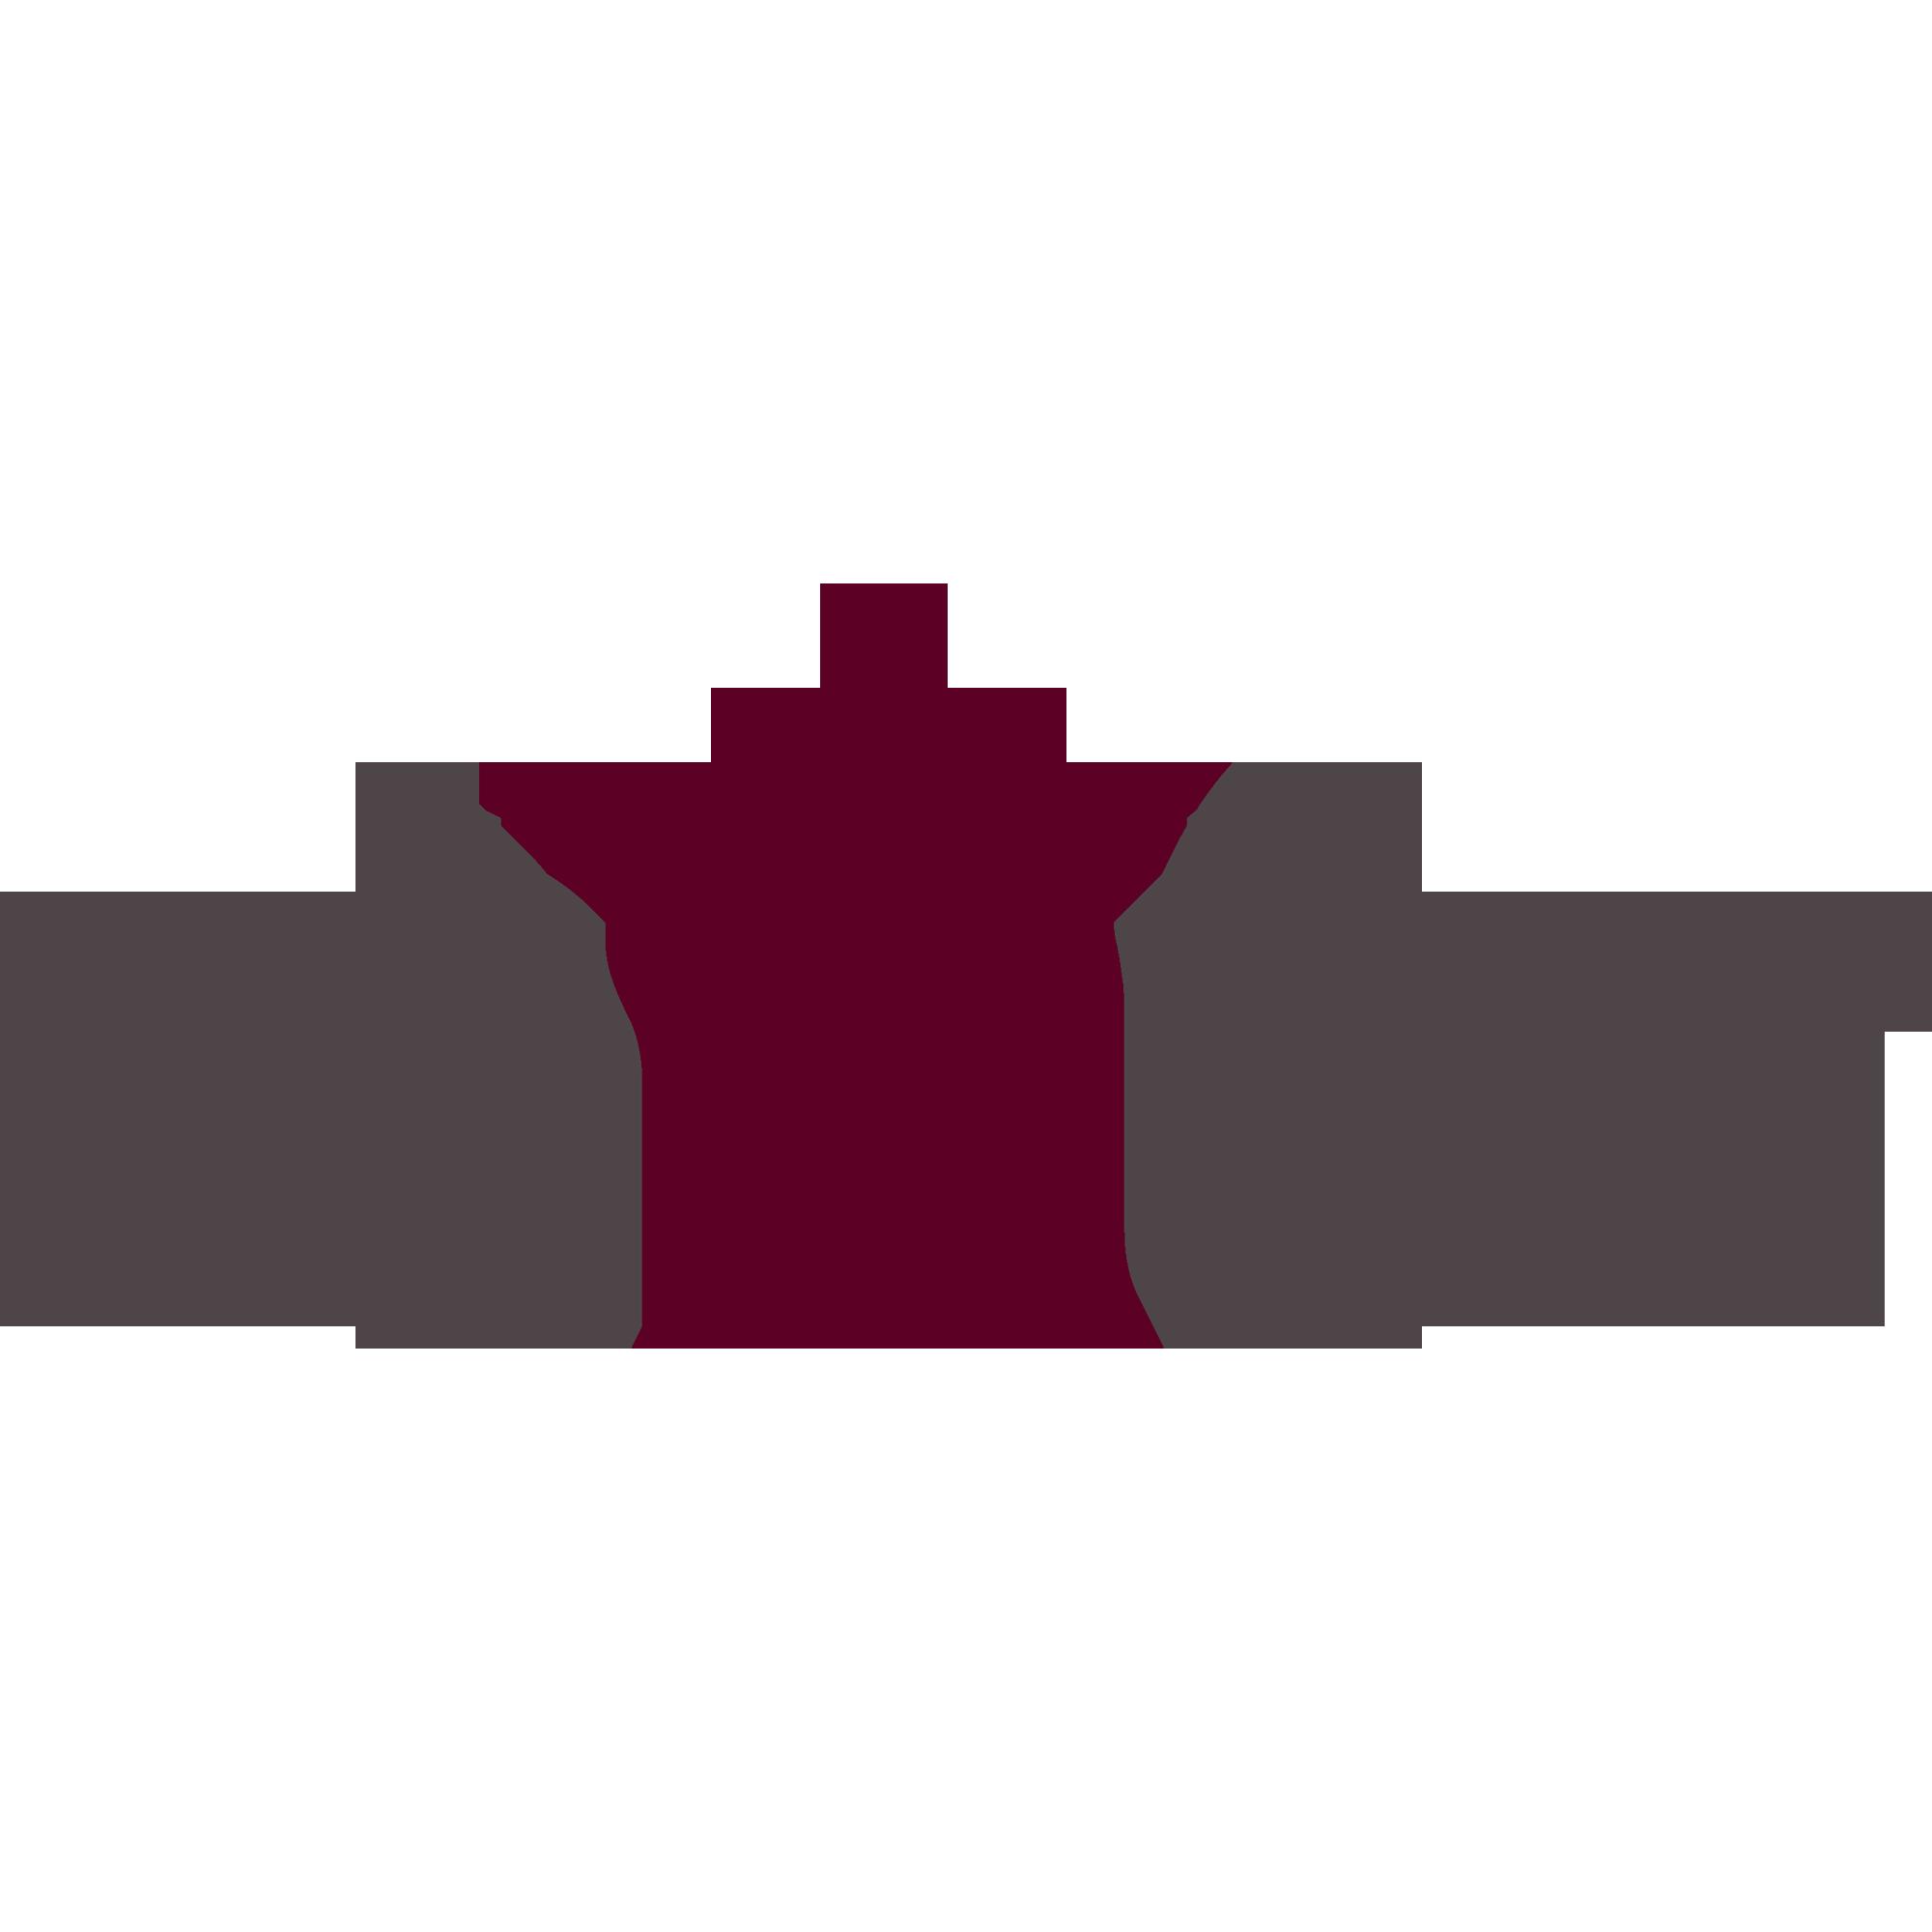 ANMCCF Sermons (AnM 캠퍼스교회 설교)